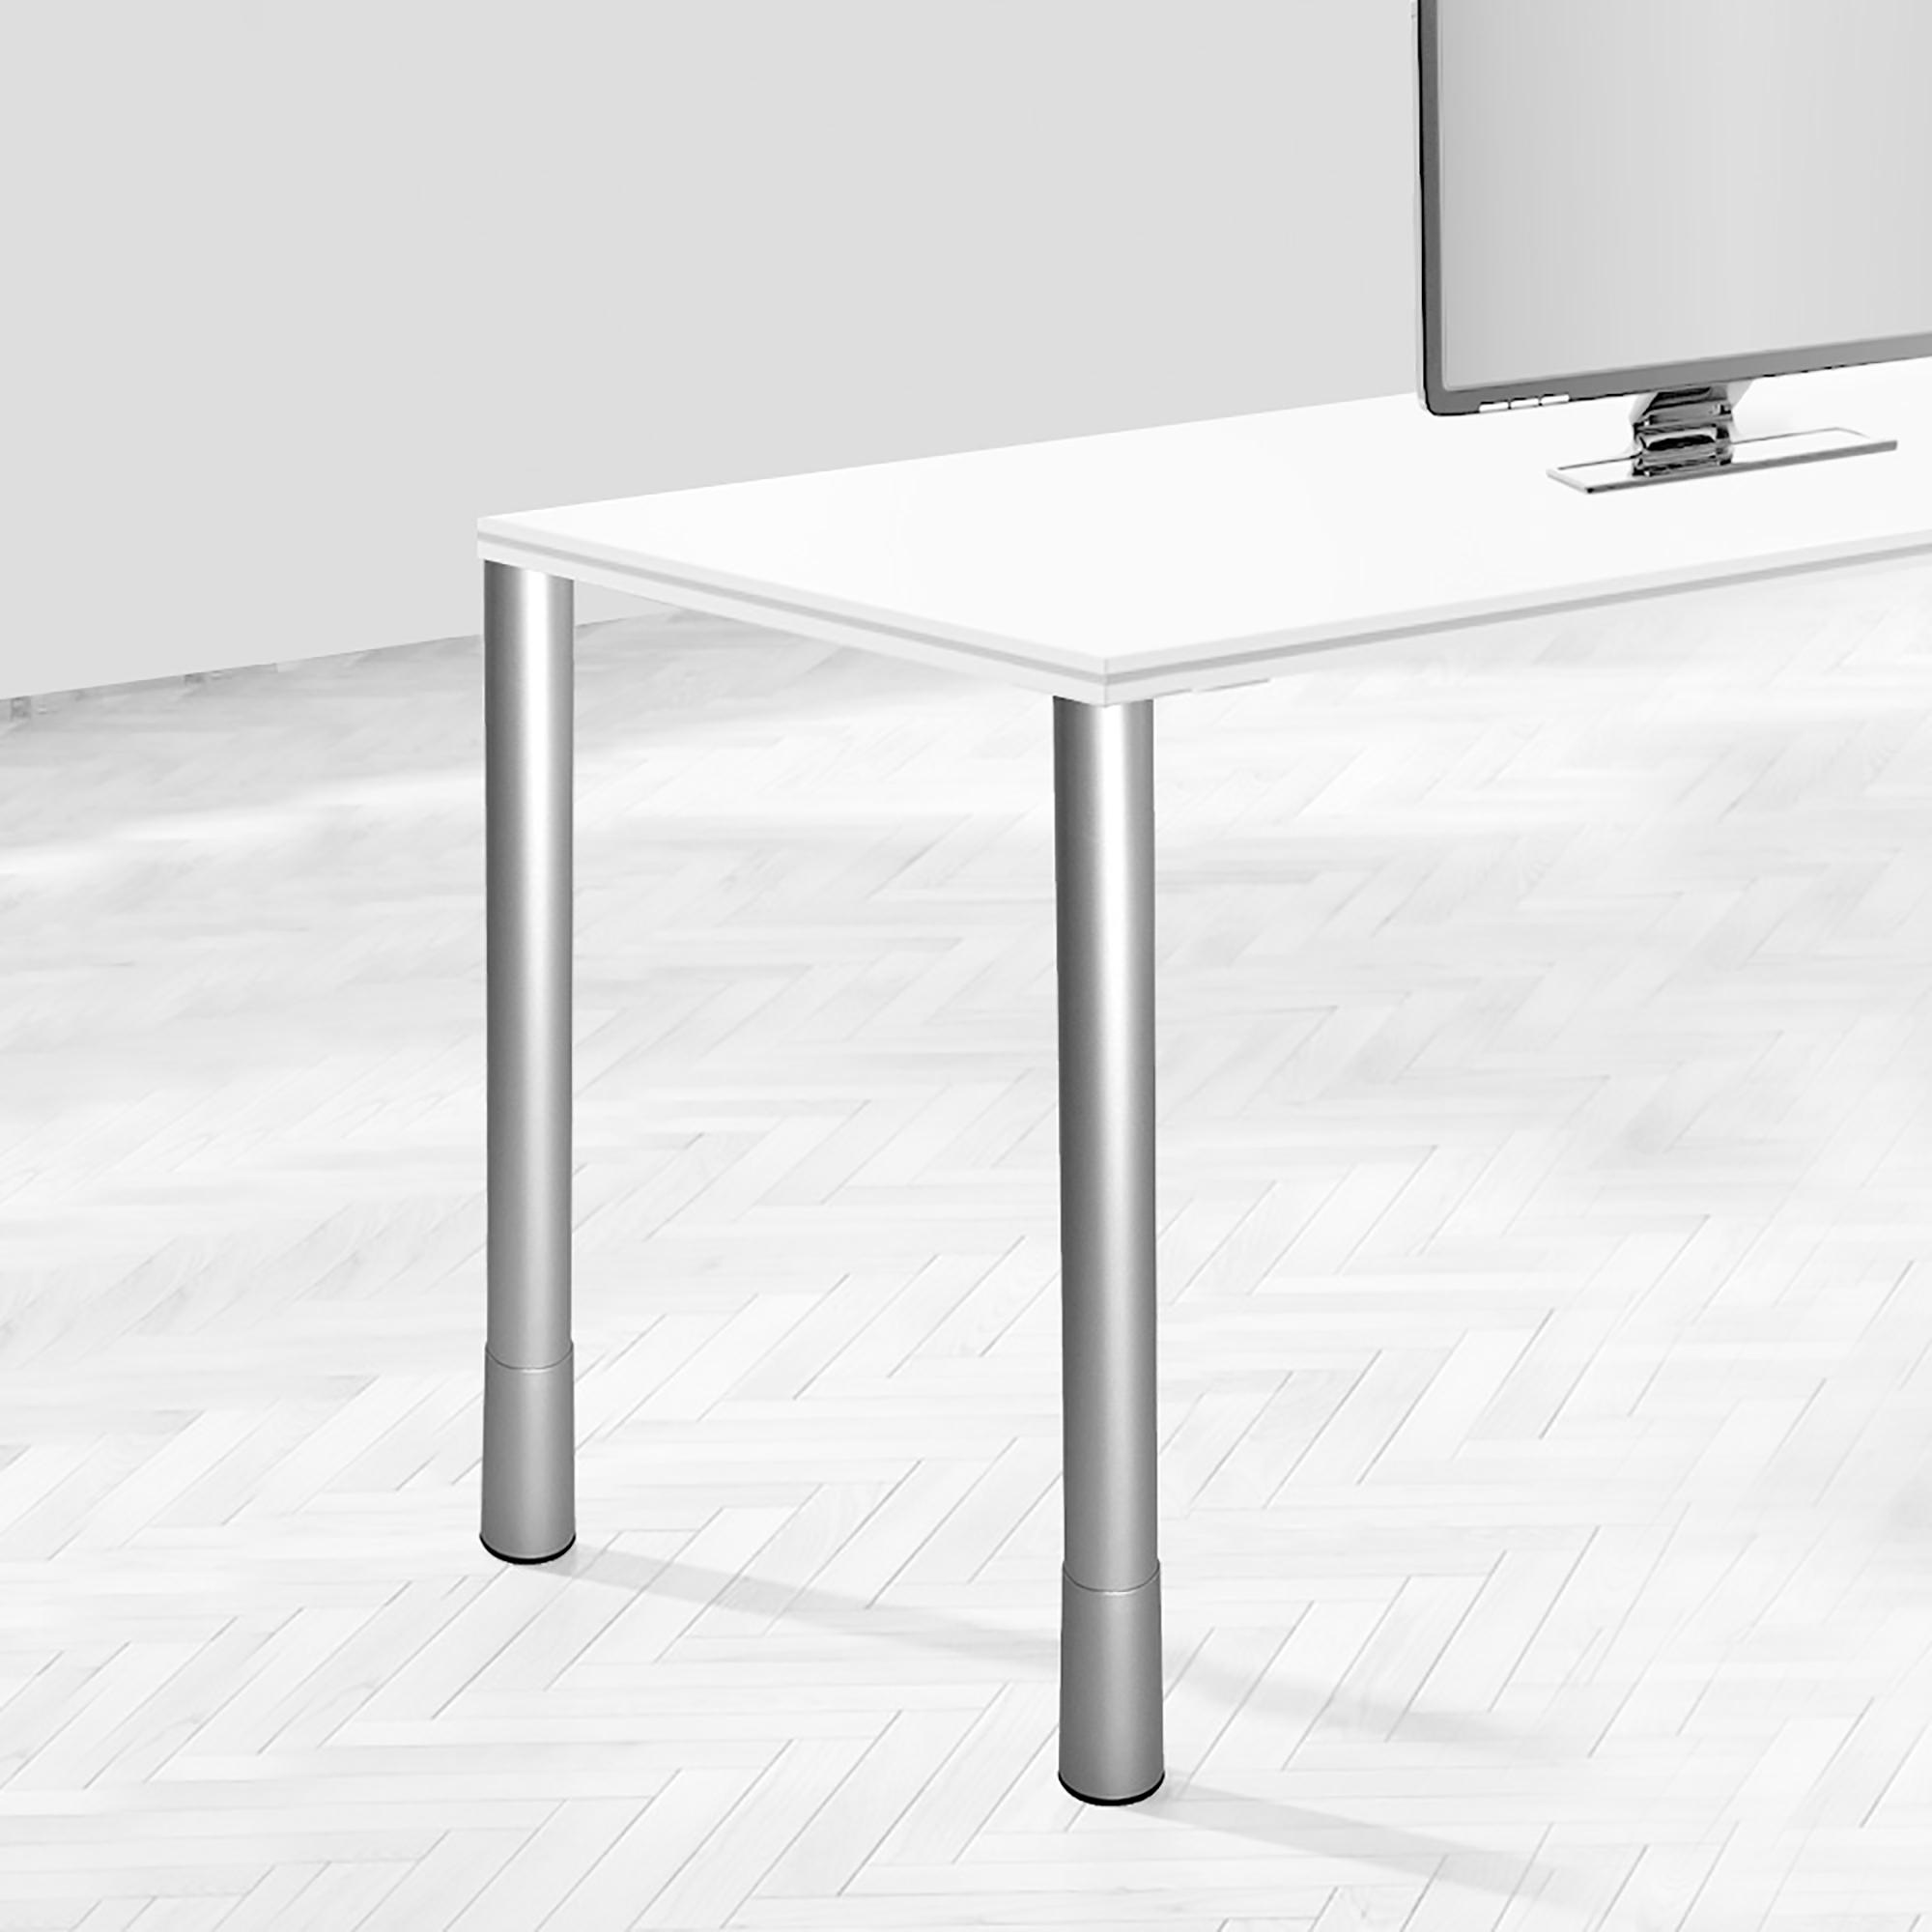 Emuca Gamba per tavolo, D. 60 mm, regolabili, 687-800 mm, Acciaio, Grigio metallizzato